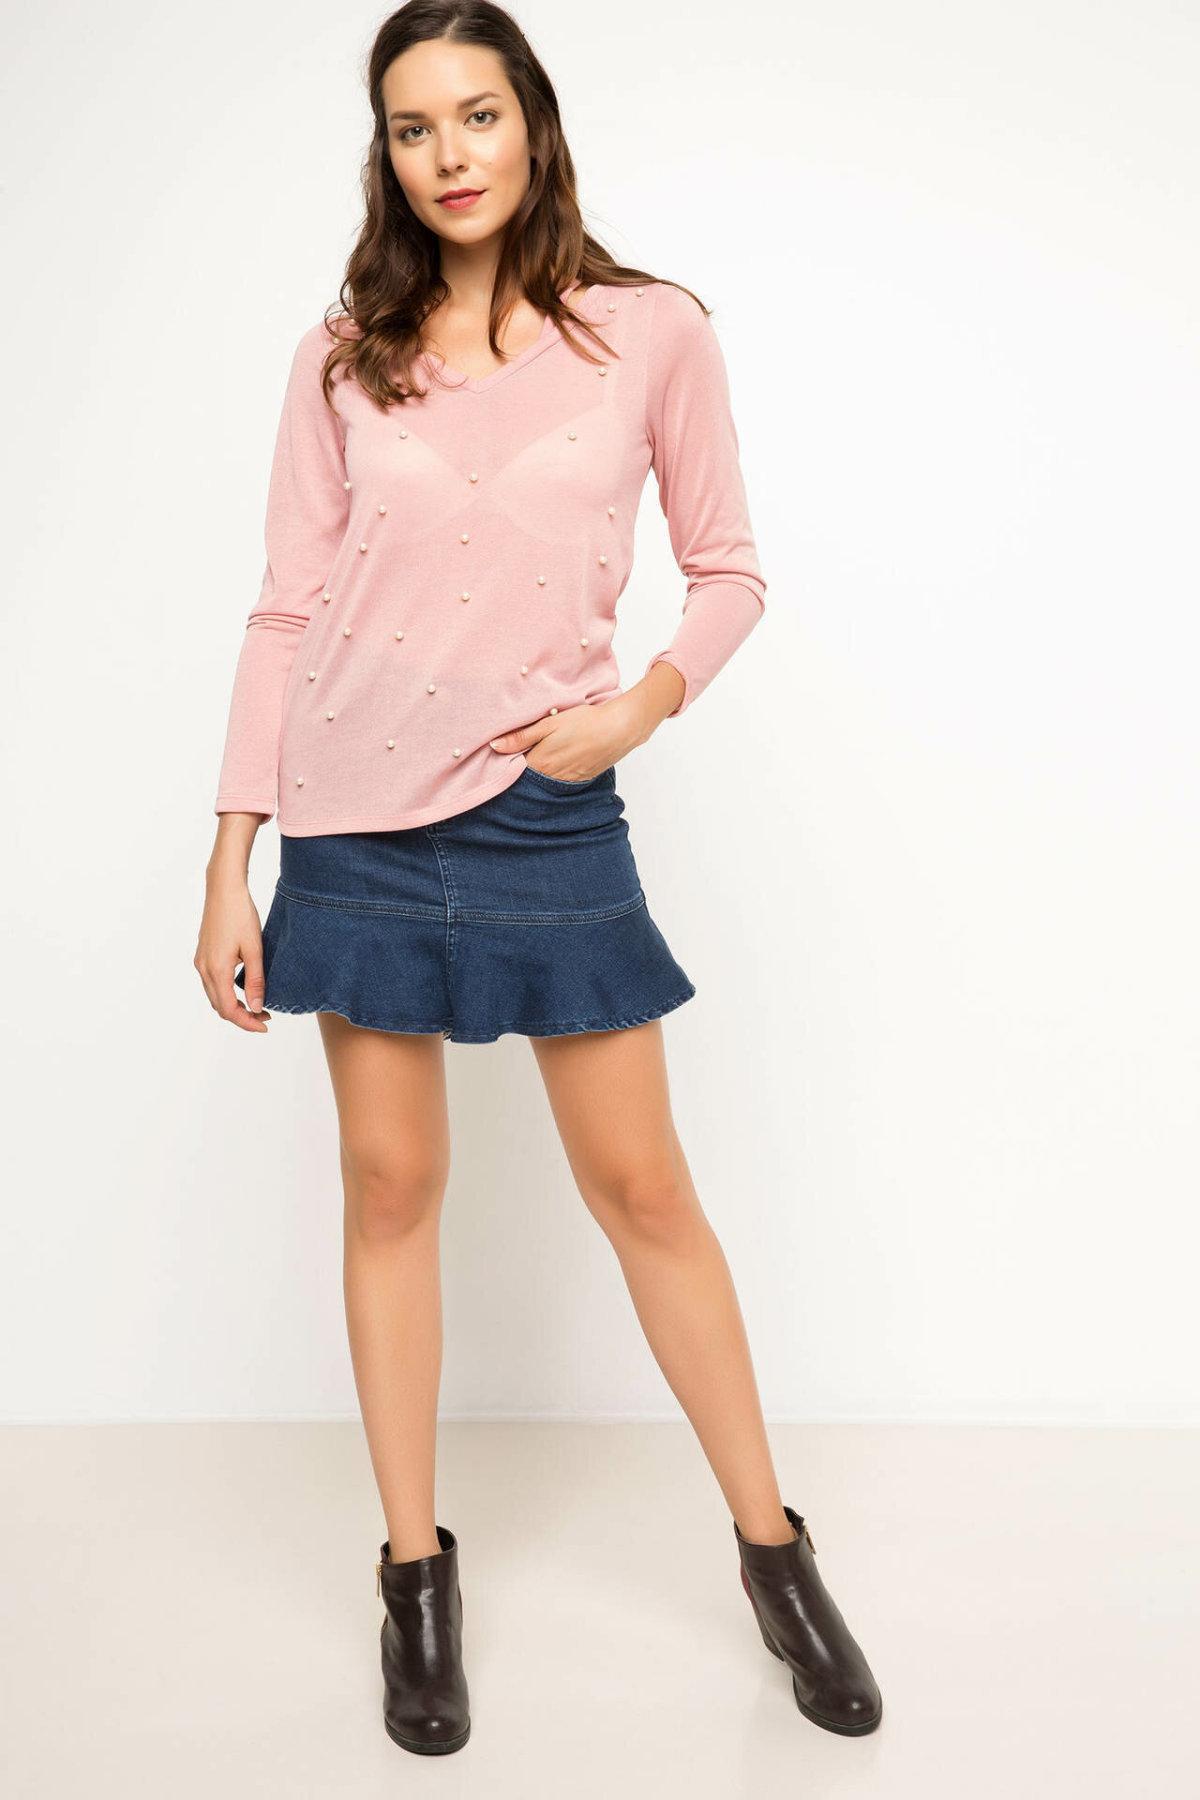 DeFacto Bleu Femmes Ruffles Jupe en denim Casual taille haute couleur solide Jeans simples Jupe courte mode -I2397AZ17AU-I2397AZ17AU